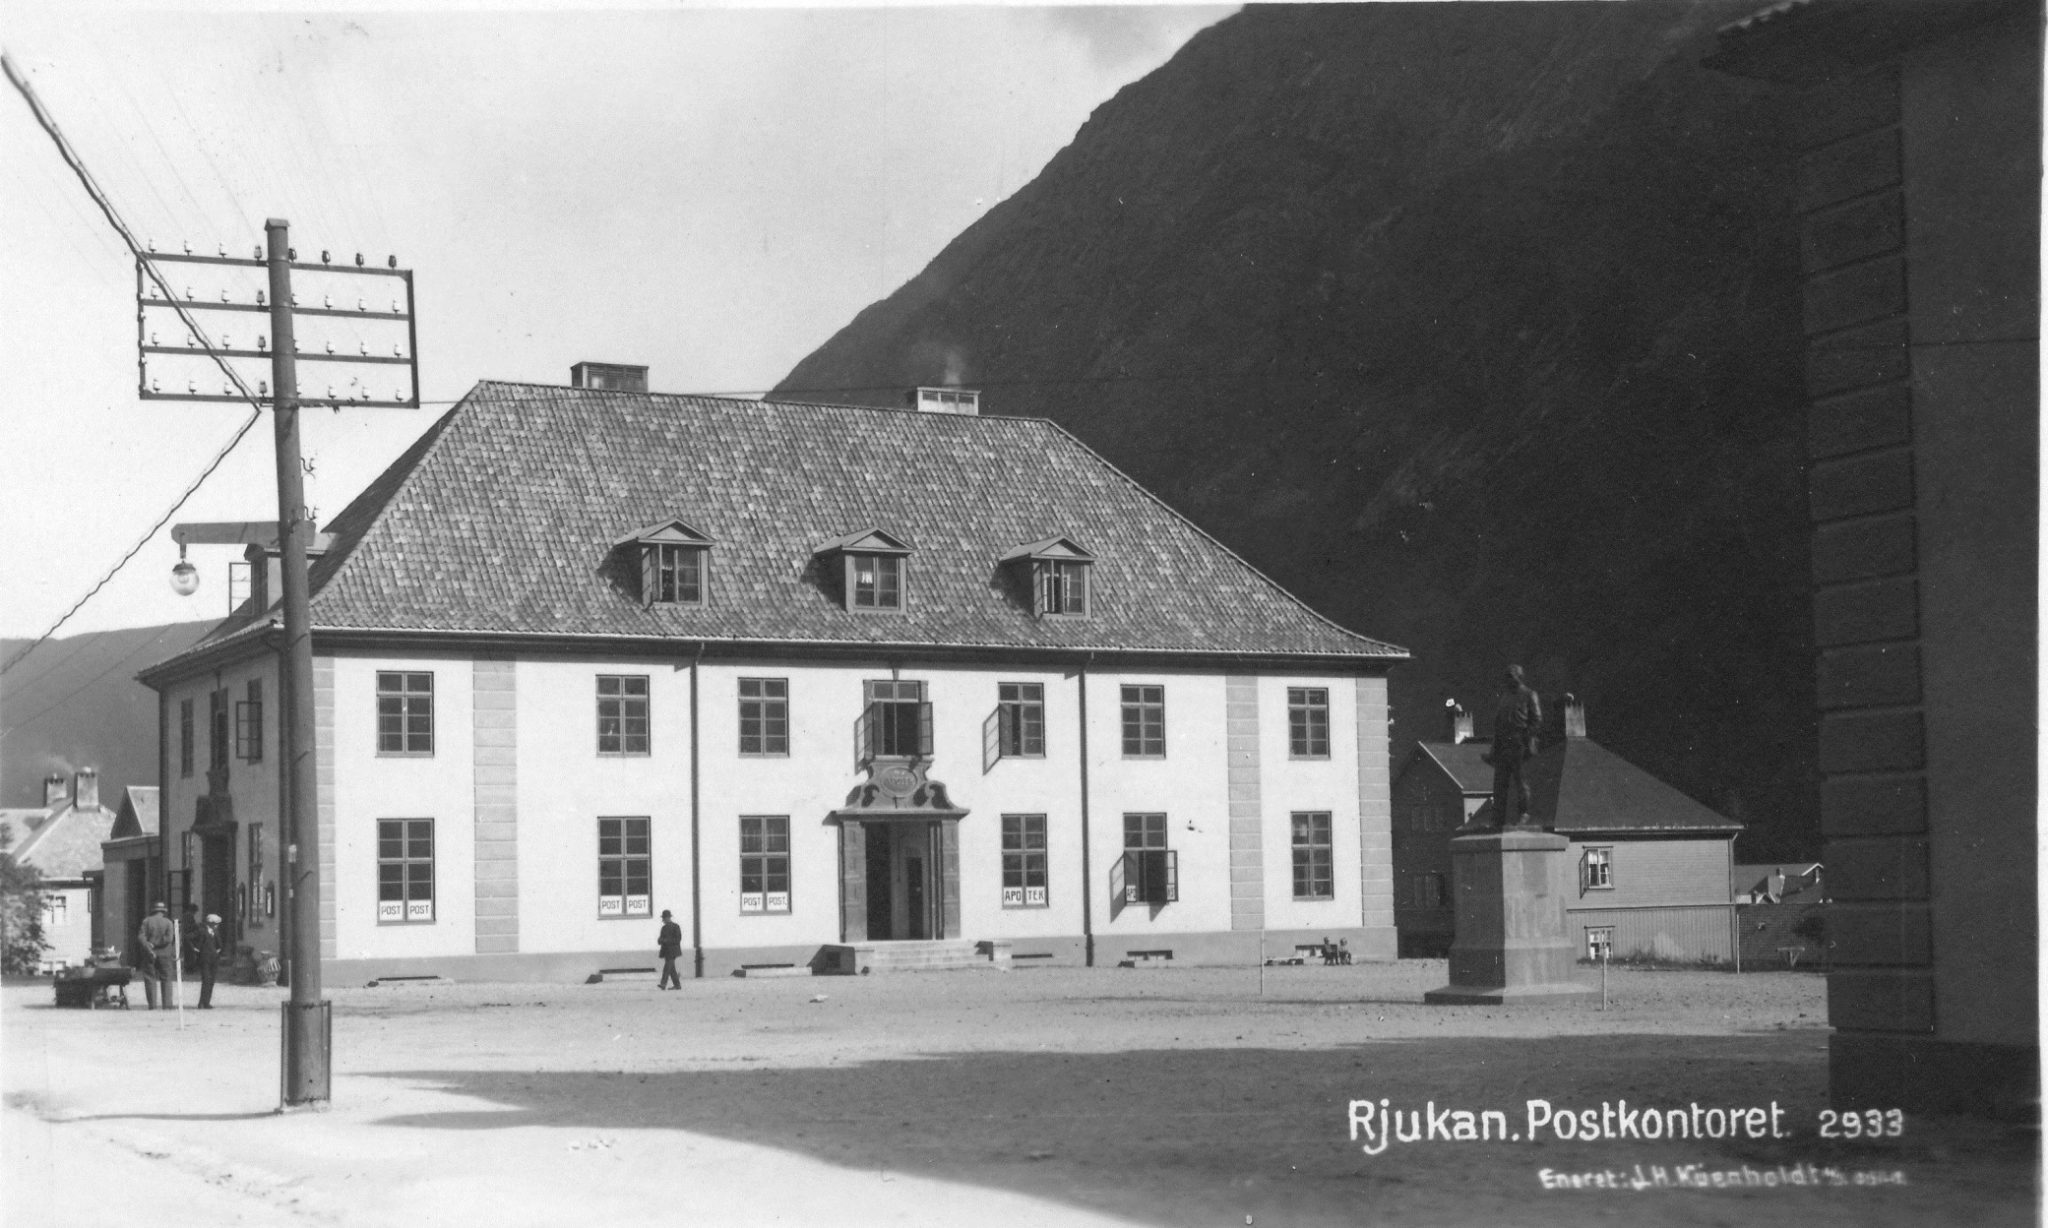 Torget 2 der posten, apoteket og telegrafen holdt til i mange år. I dag huser bygget VisitRjukan, Sørvistorget med andre kommunale kontor.